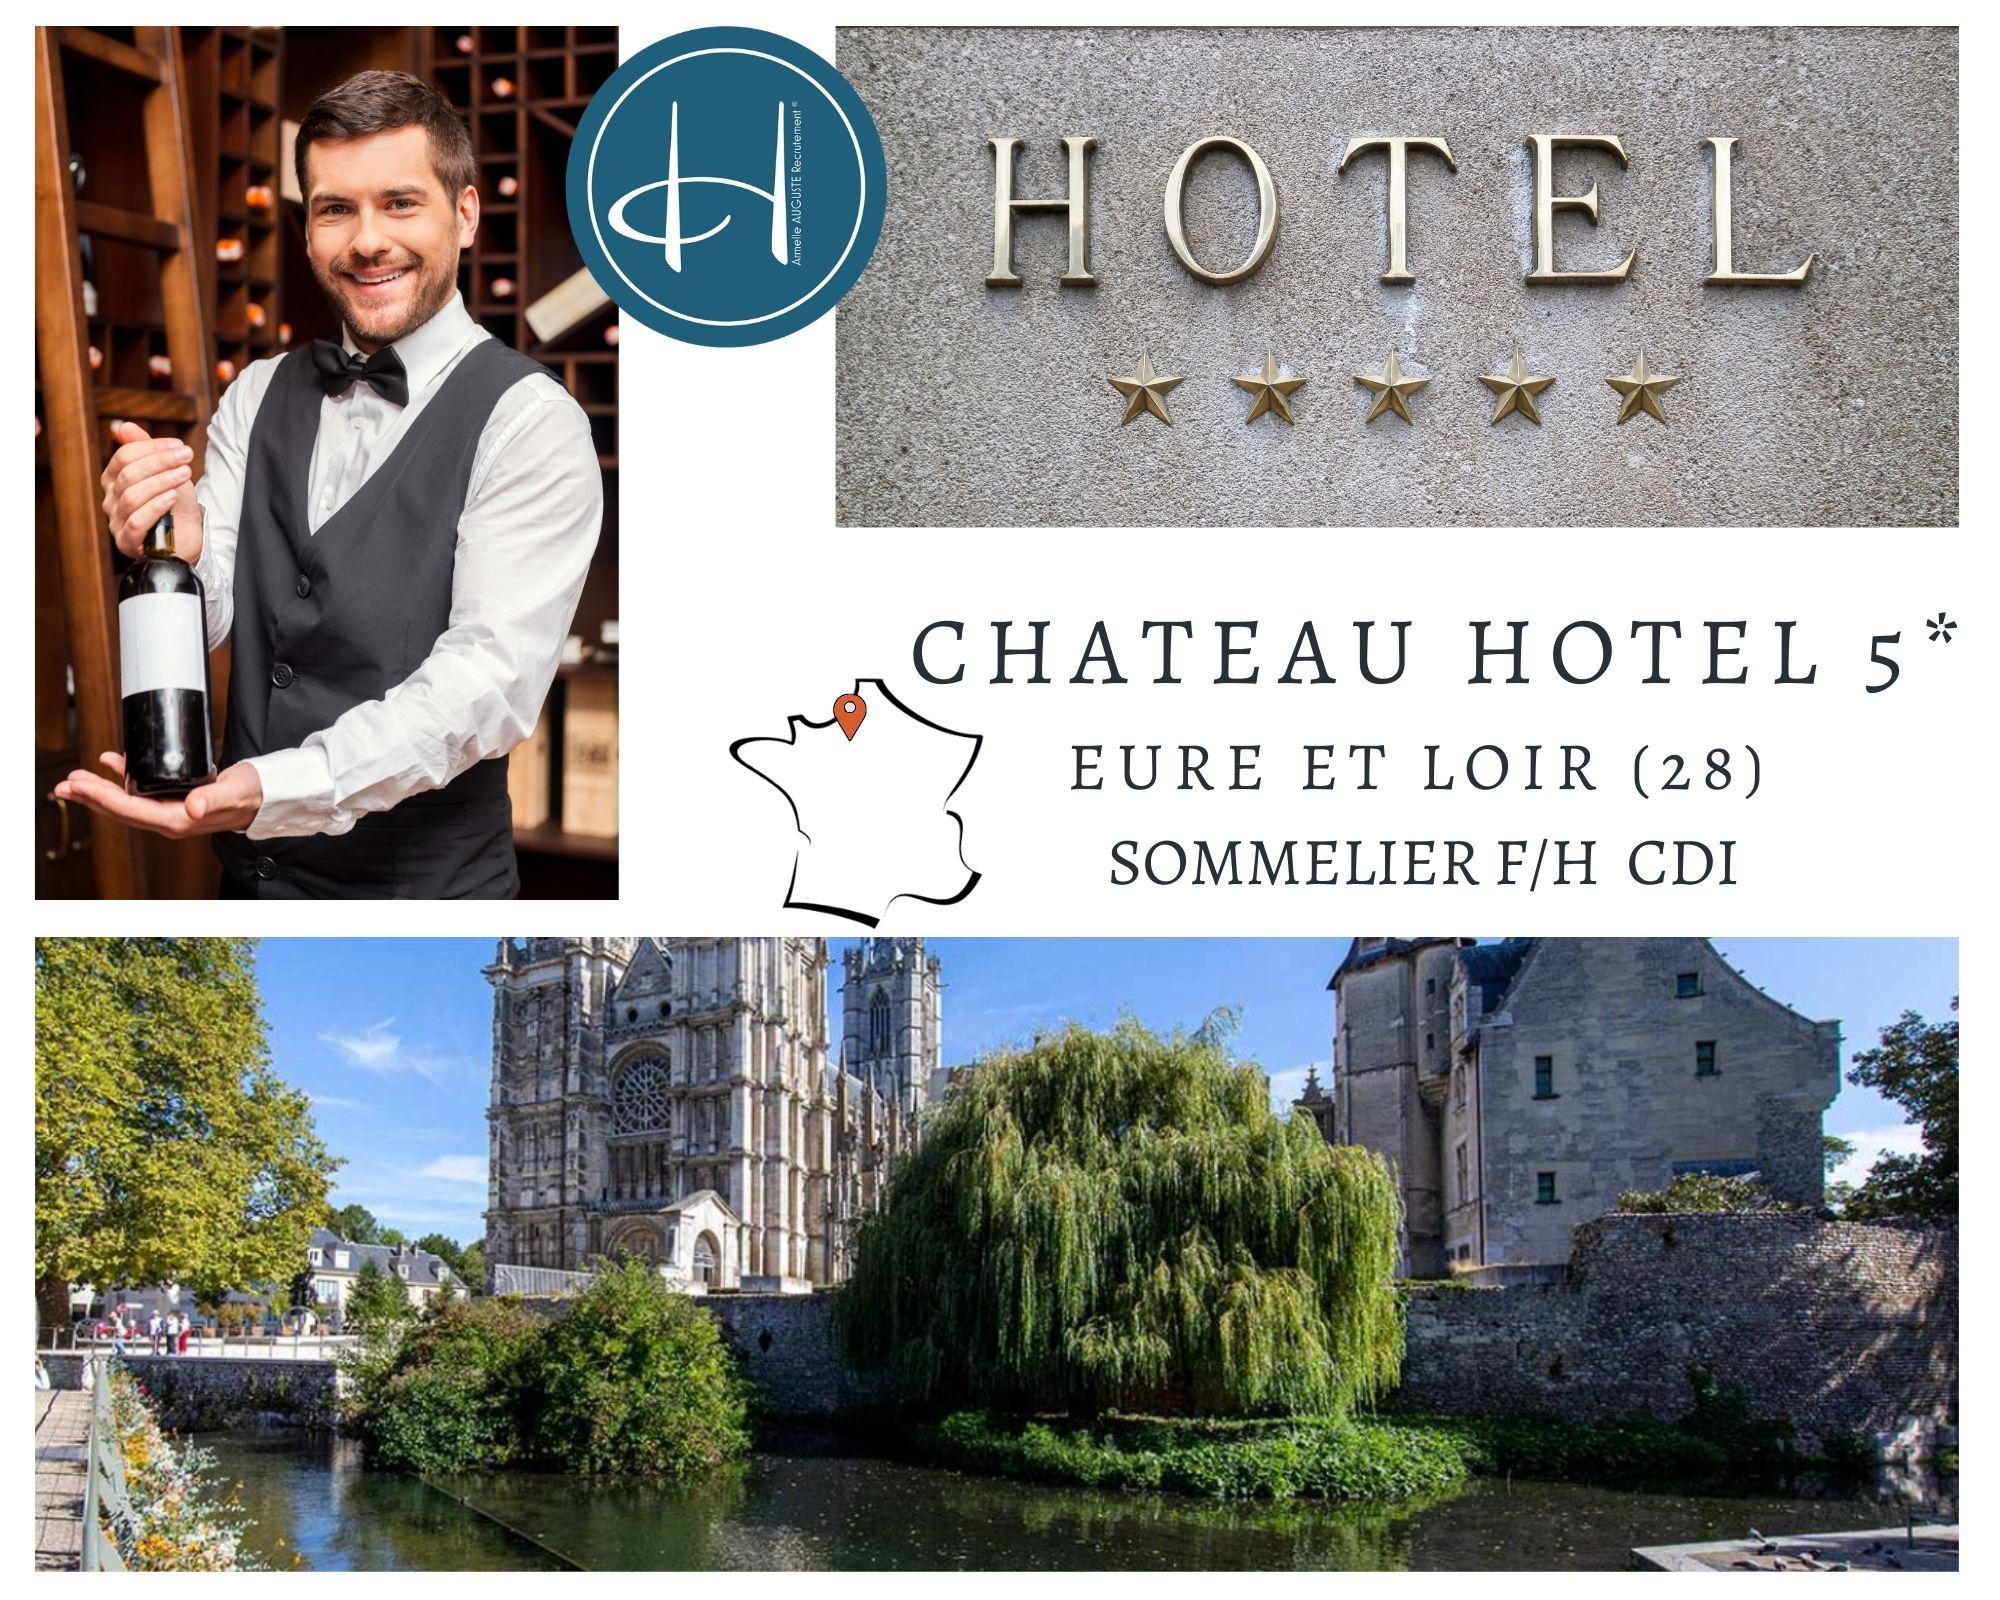 Recrutement: Sommelier - Ouverture - Château Hôtel 5* F/H chez Armelle AUGUSTE Recrutement® à Anet